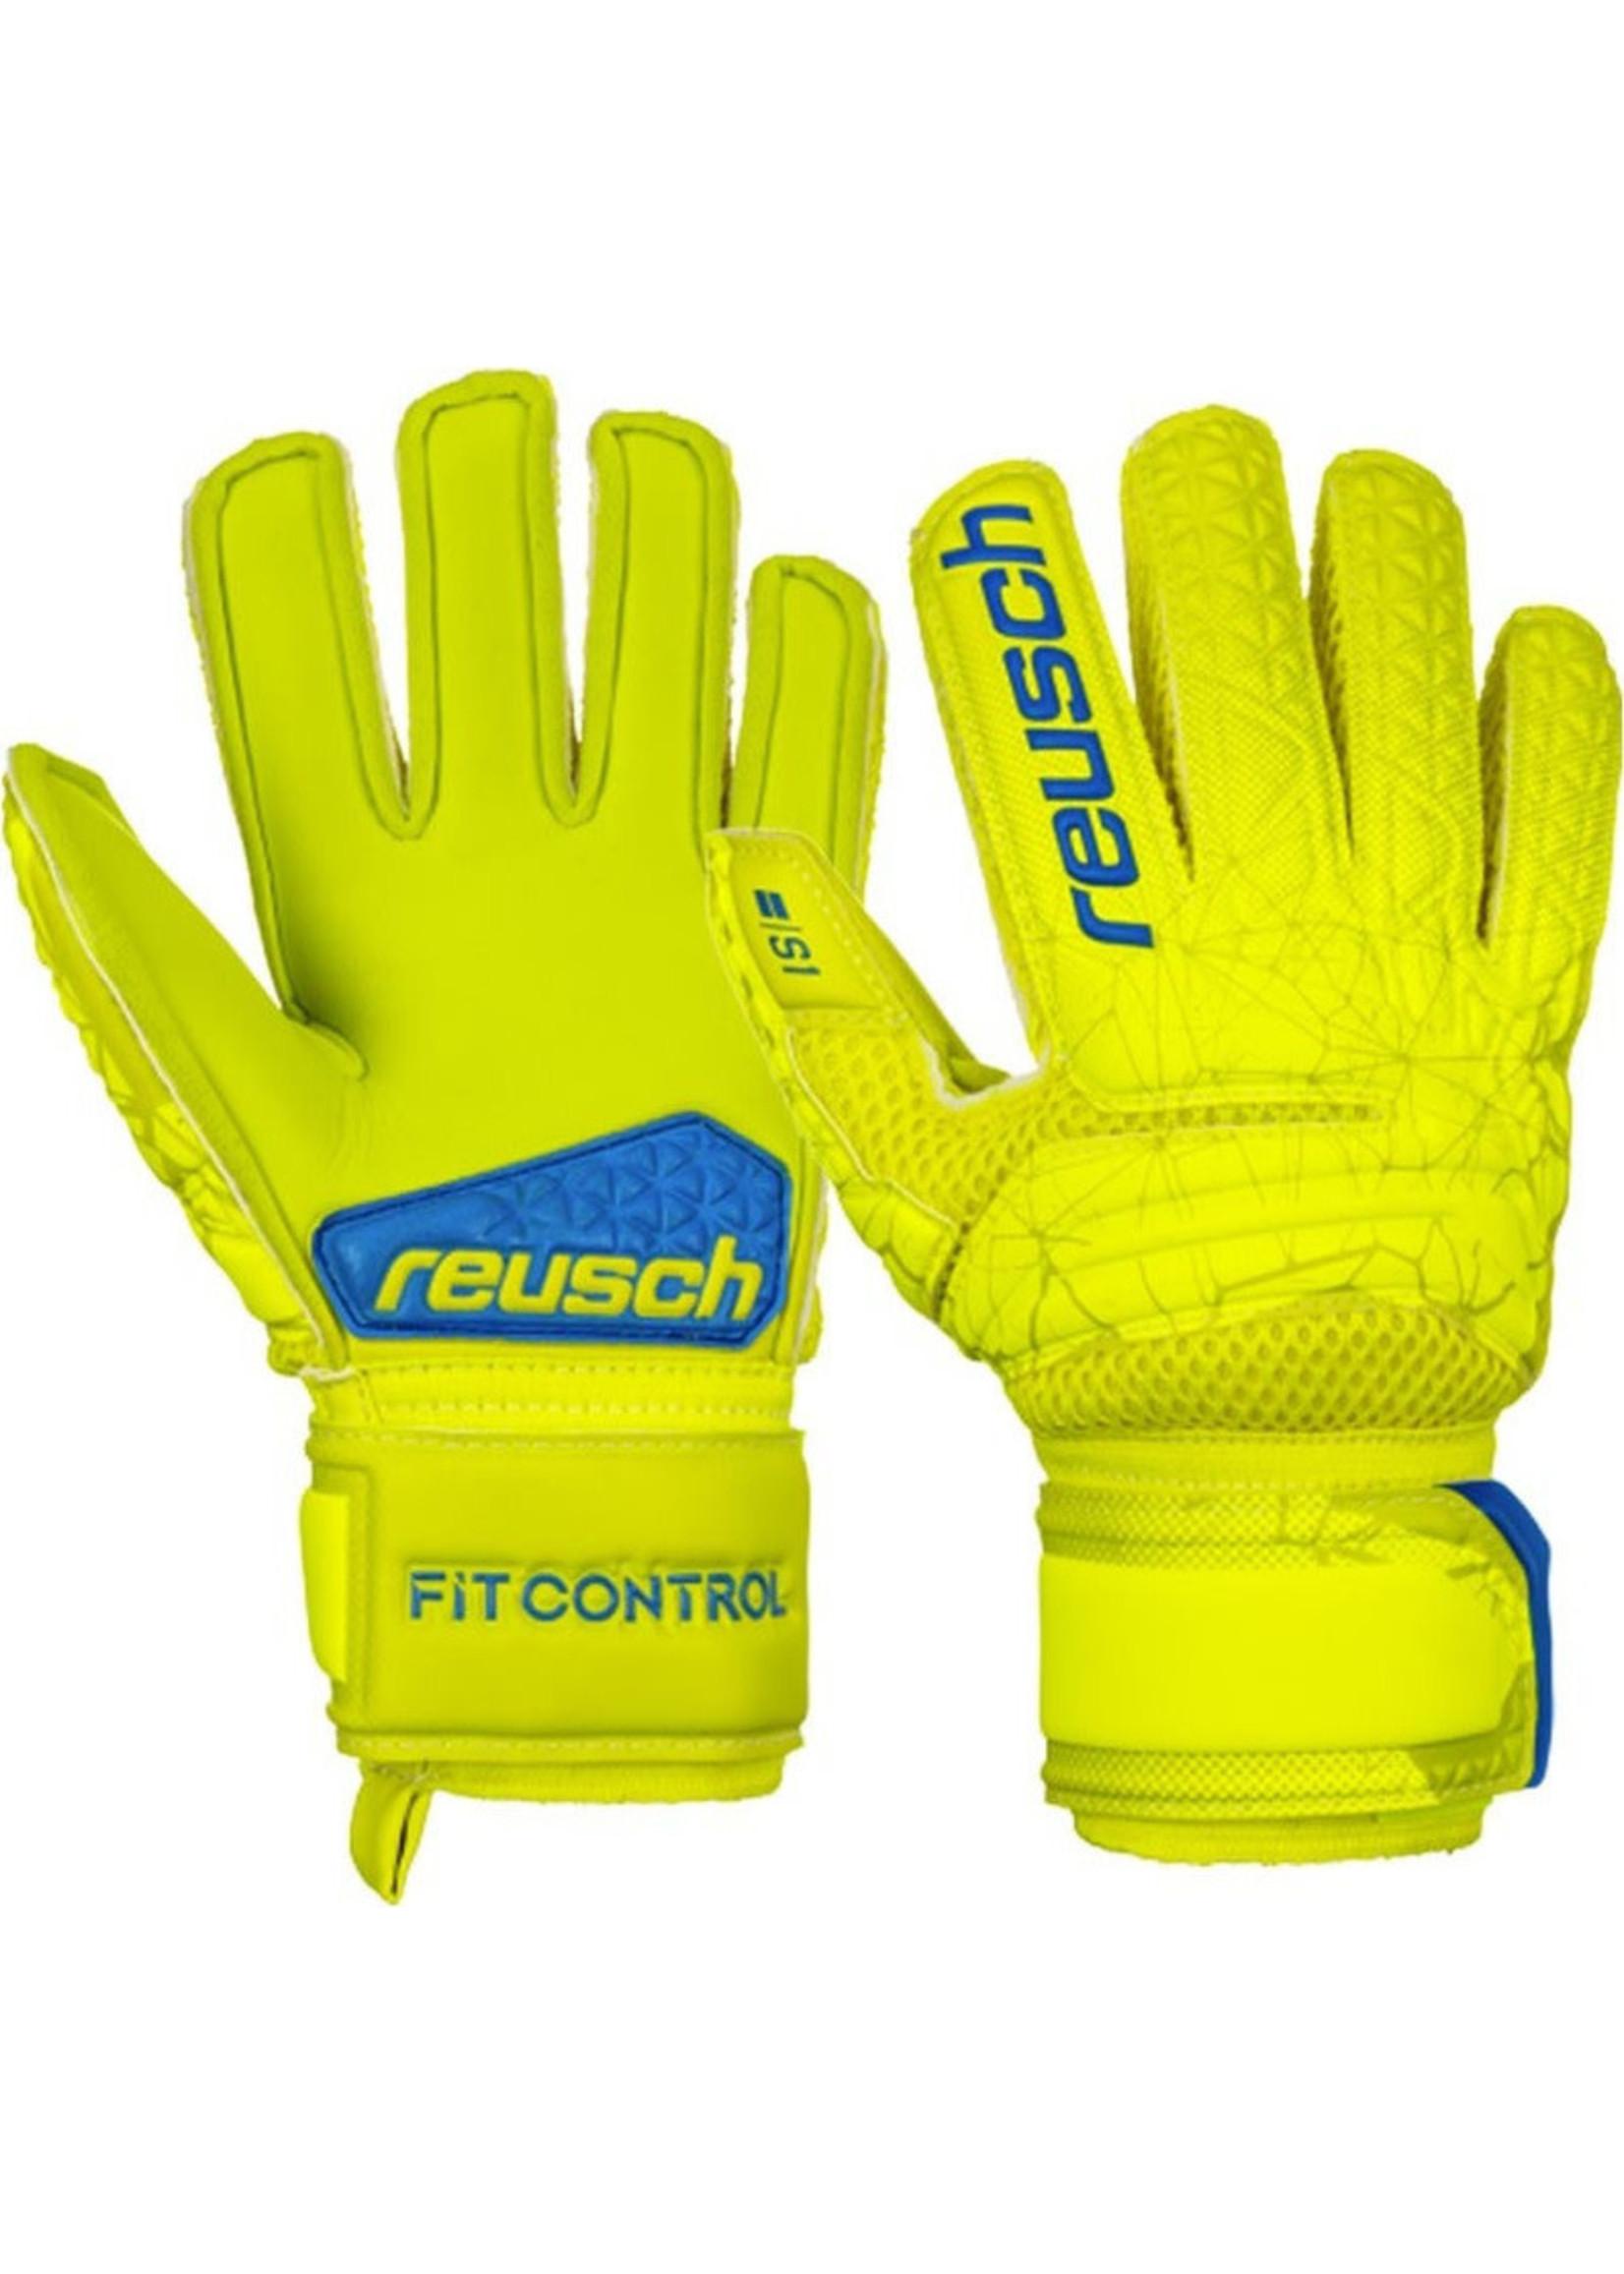 Reusch Fit Control S1 Junior